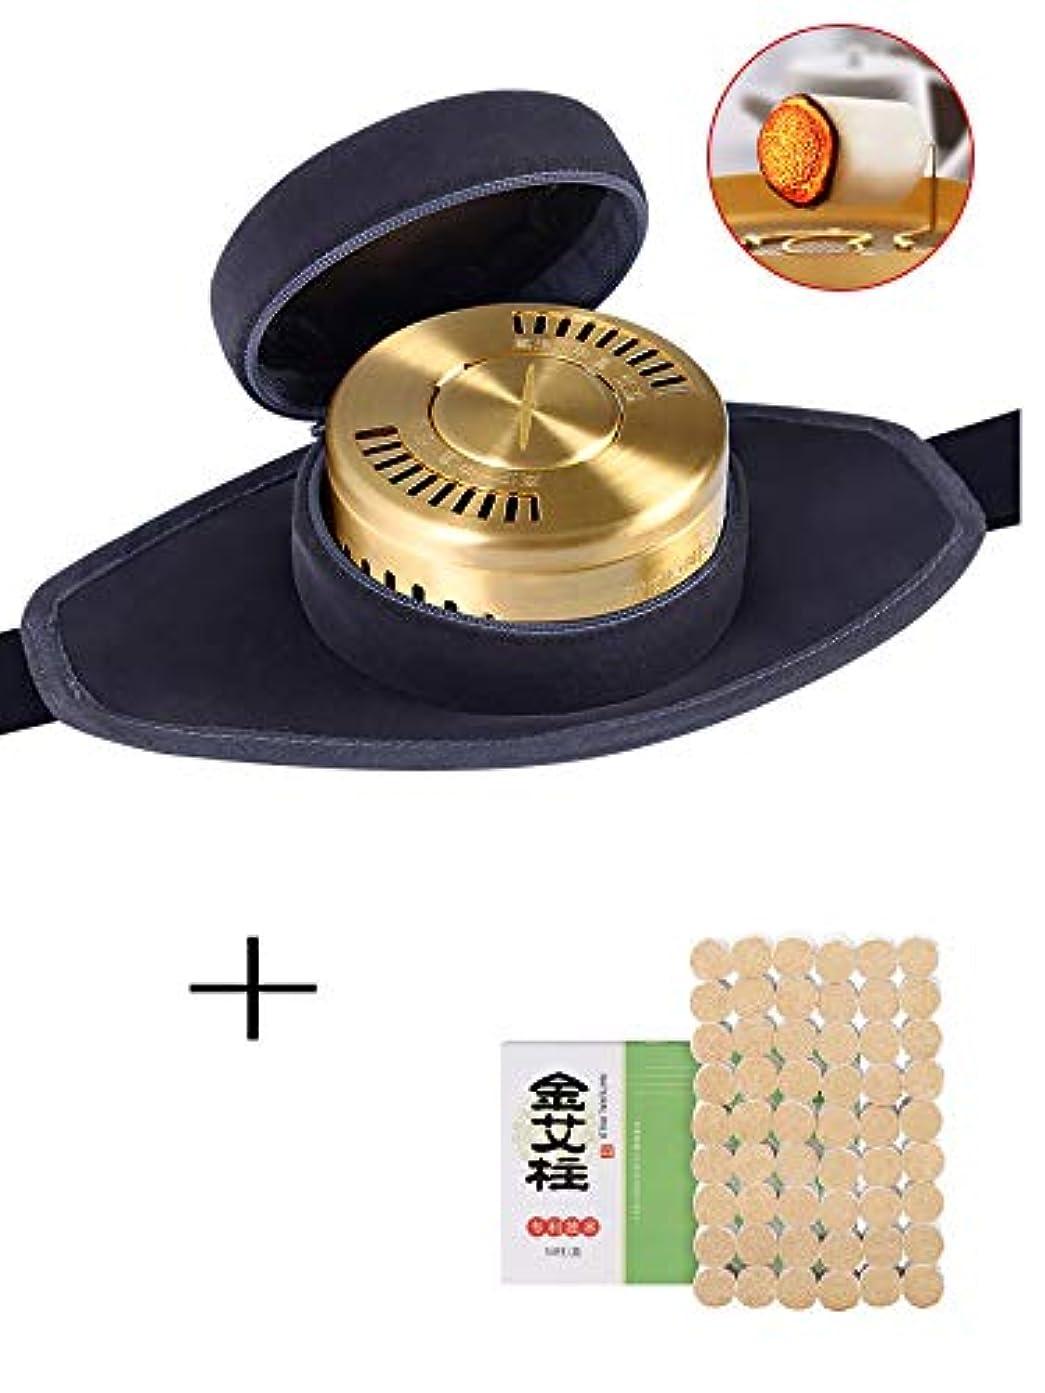 履歴書野菜進む54 Rolls Pure Mugwort moxibustion +ポータブルMoxa Acupunctureポイントネックパッドラウンド形状Burnerボックス